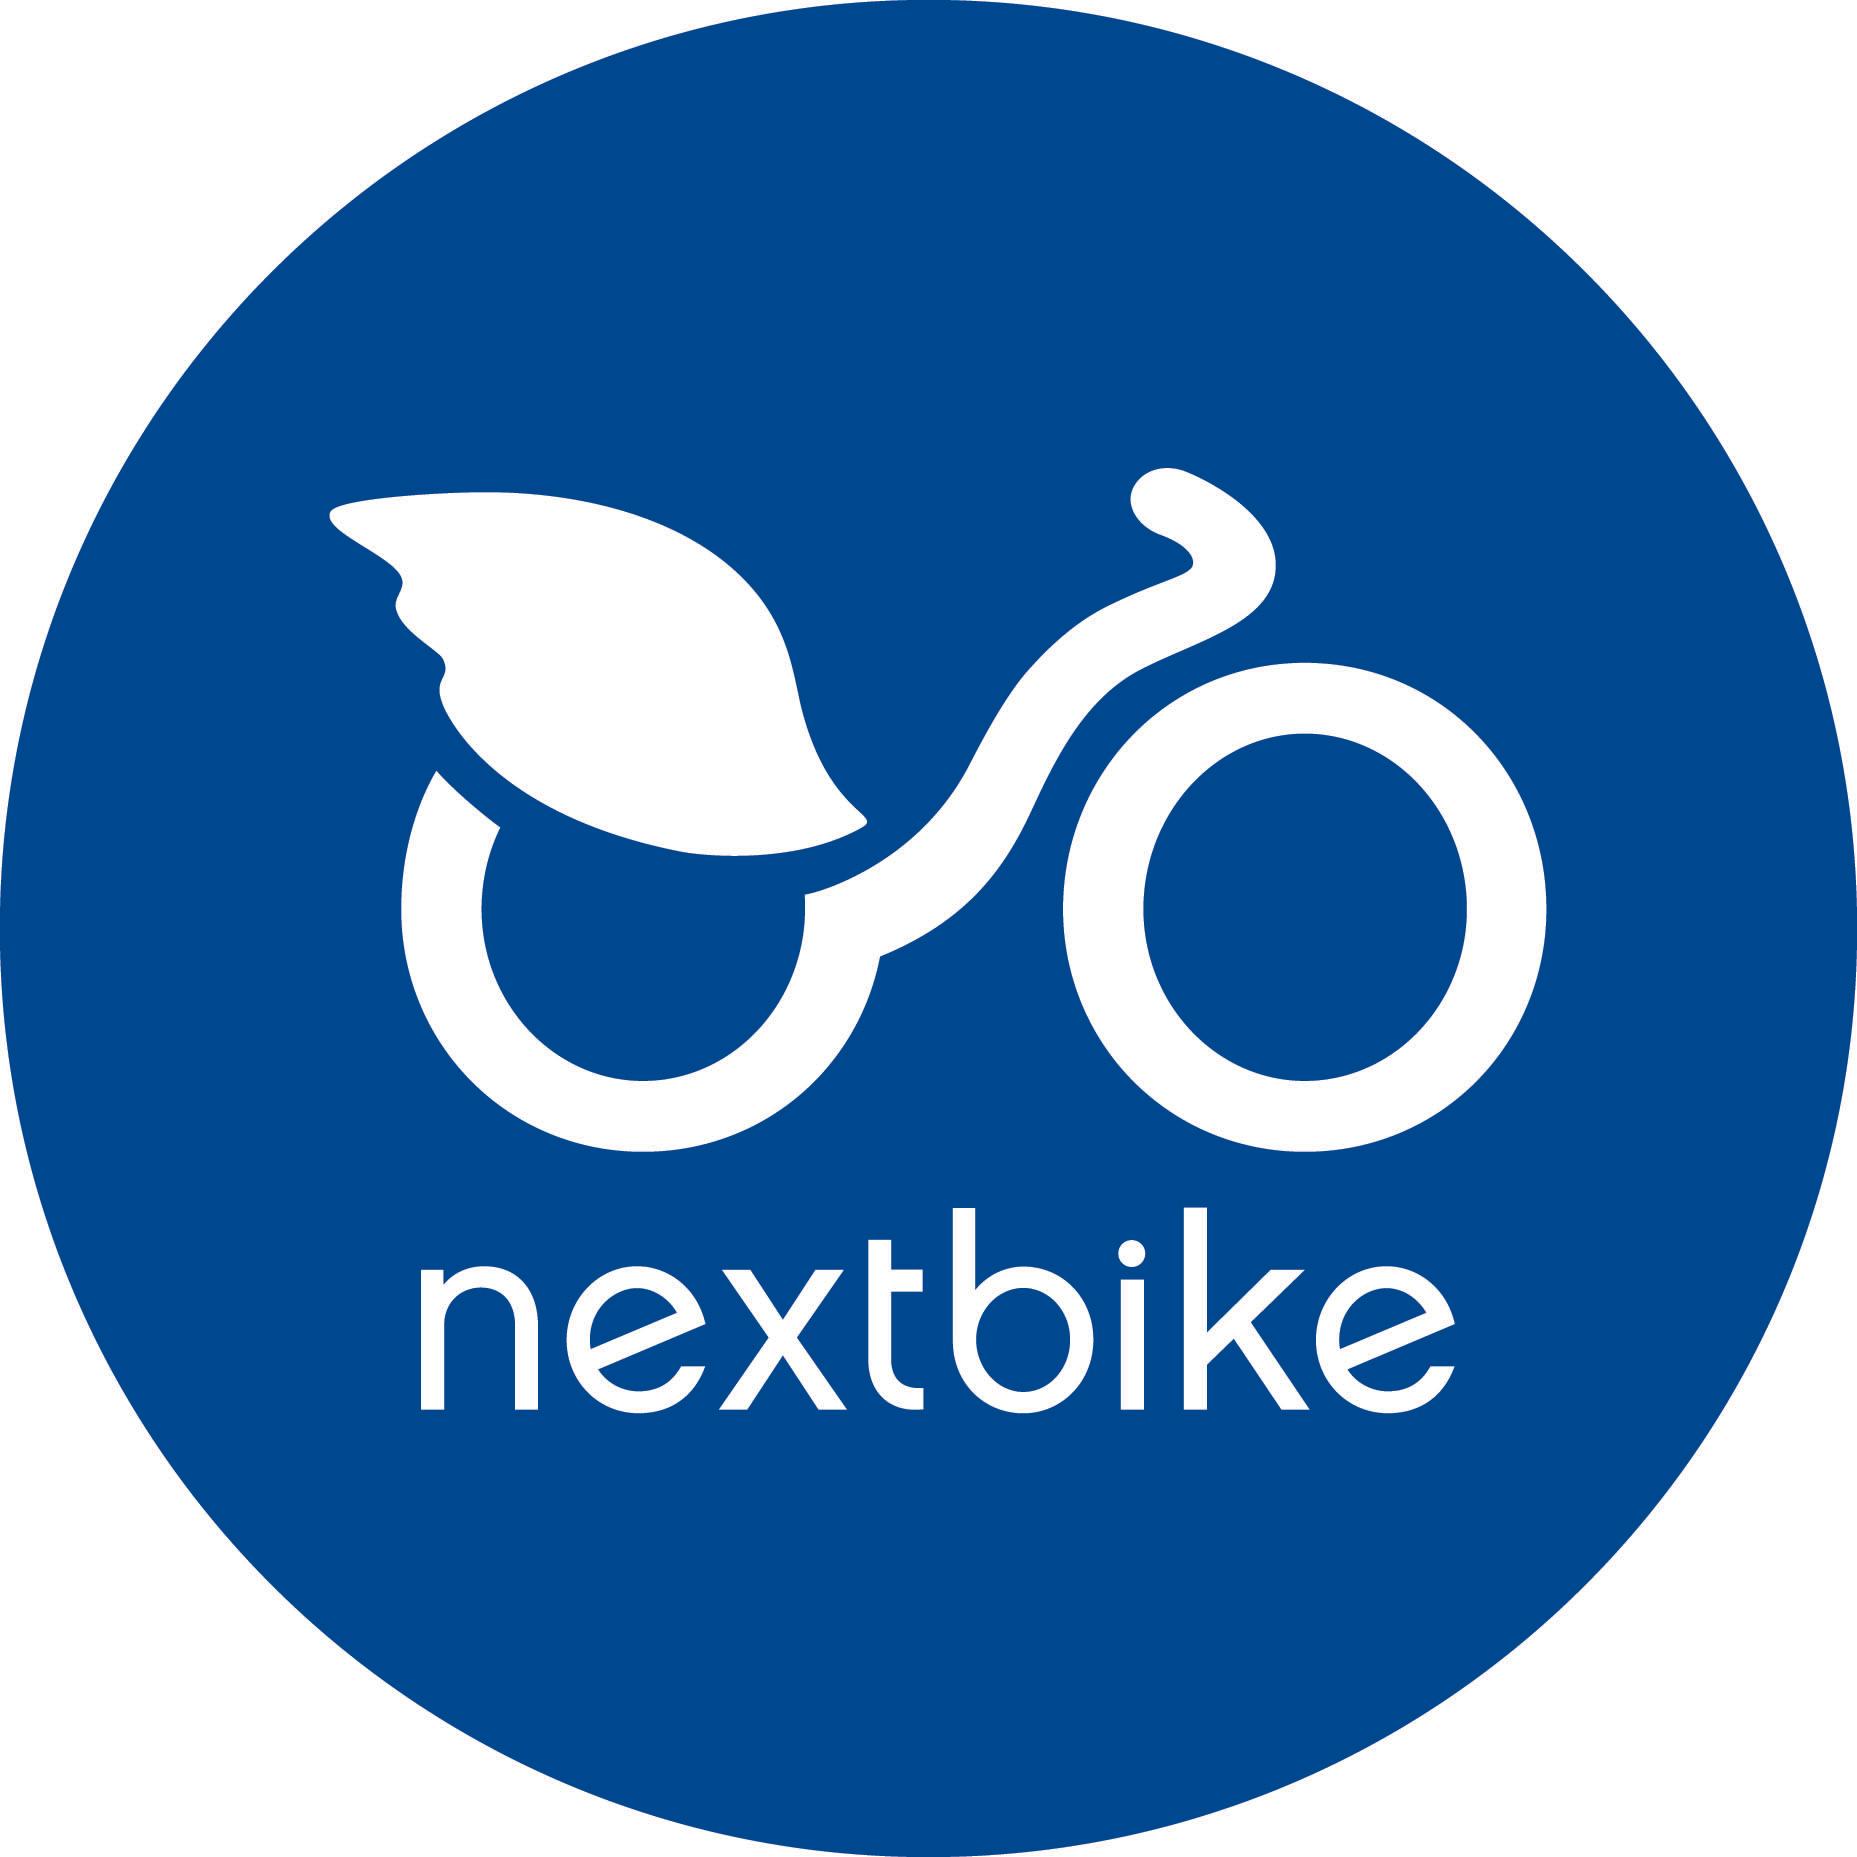 [PayPal] 3€ Gutschein für nextbike